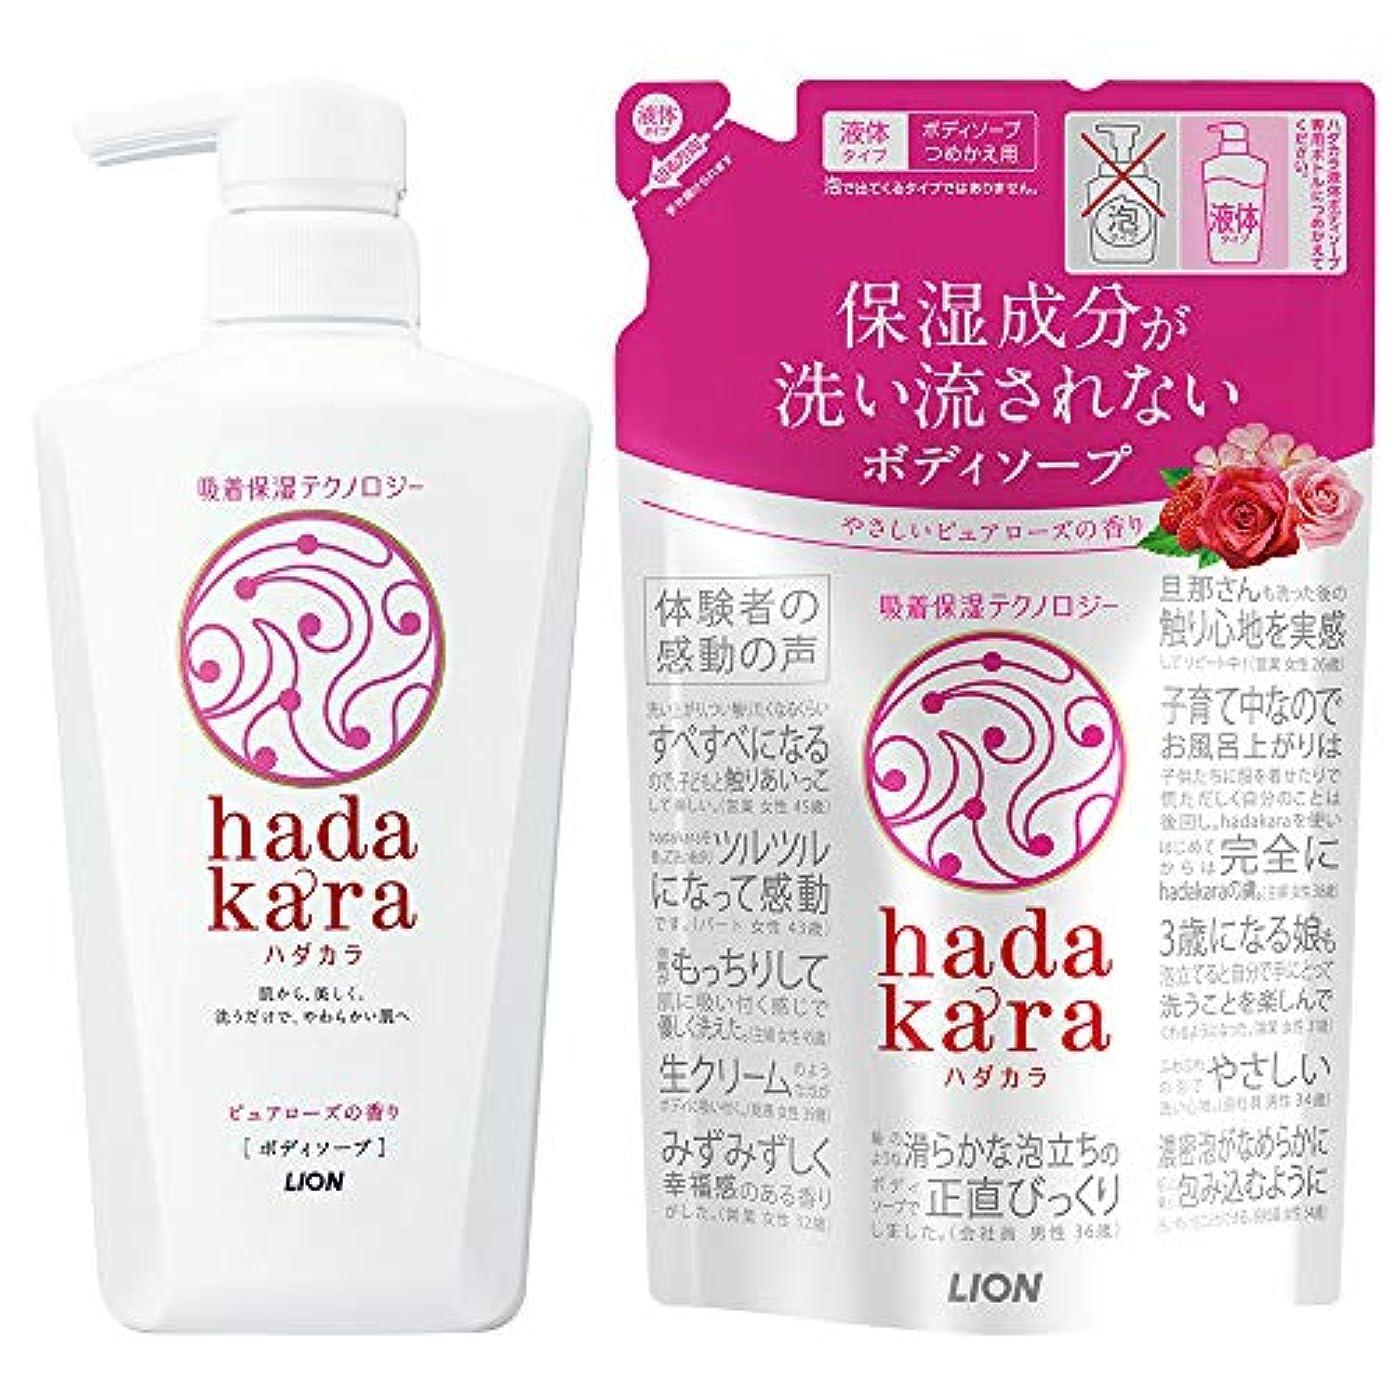 評議会バイオリン不注意hadakara(ハダカラ) ボディソープ ピュアローズの香り 本体500ml+つめかえ360ml +